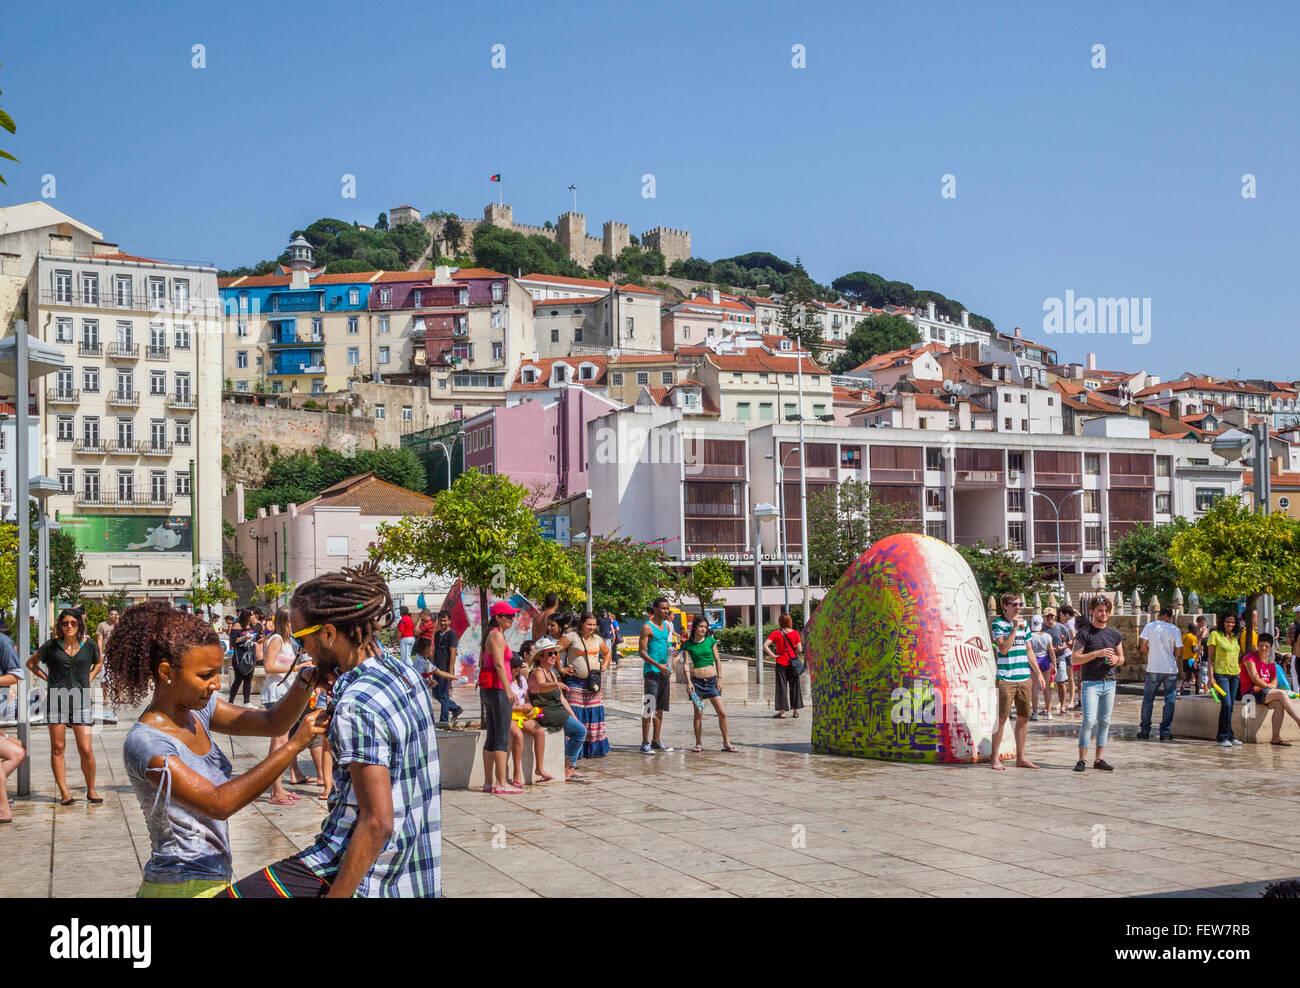 Il Portogallo, Lisbona, Largo Martim Moniz è un popolare luogo di incontro al di sotto della collina fortificazione Immagini Stock